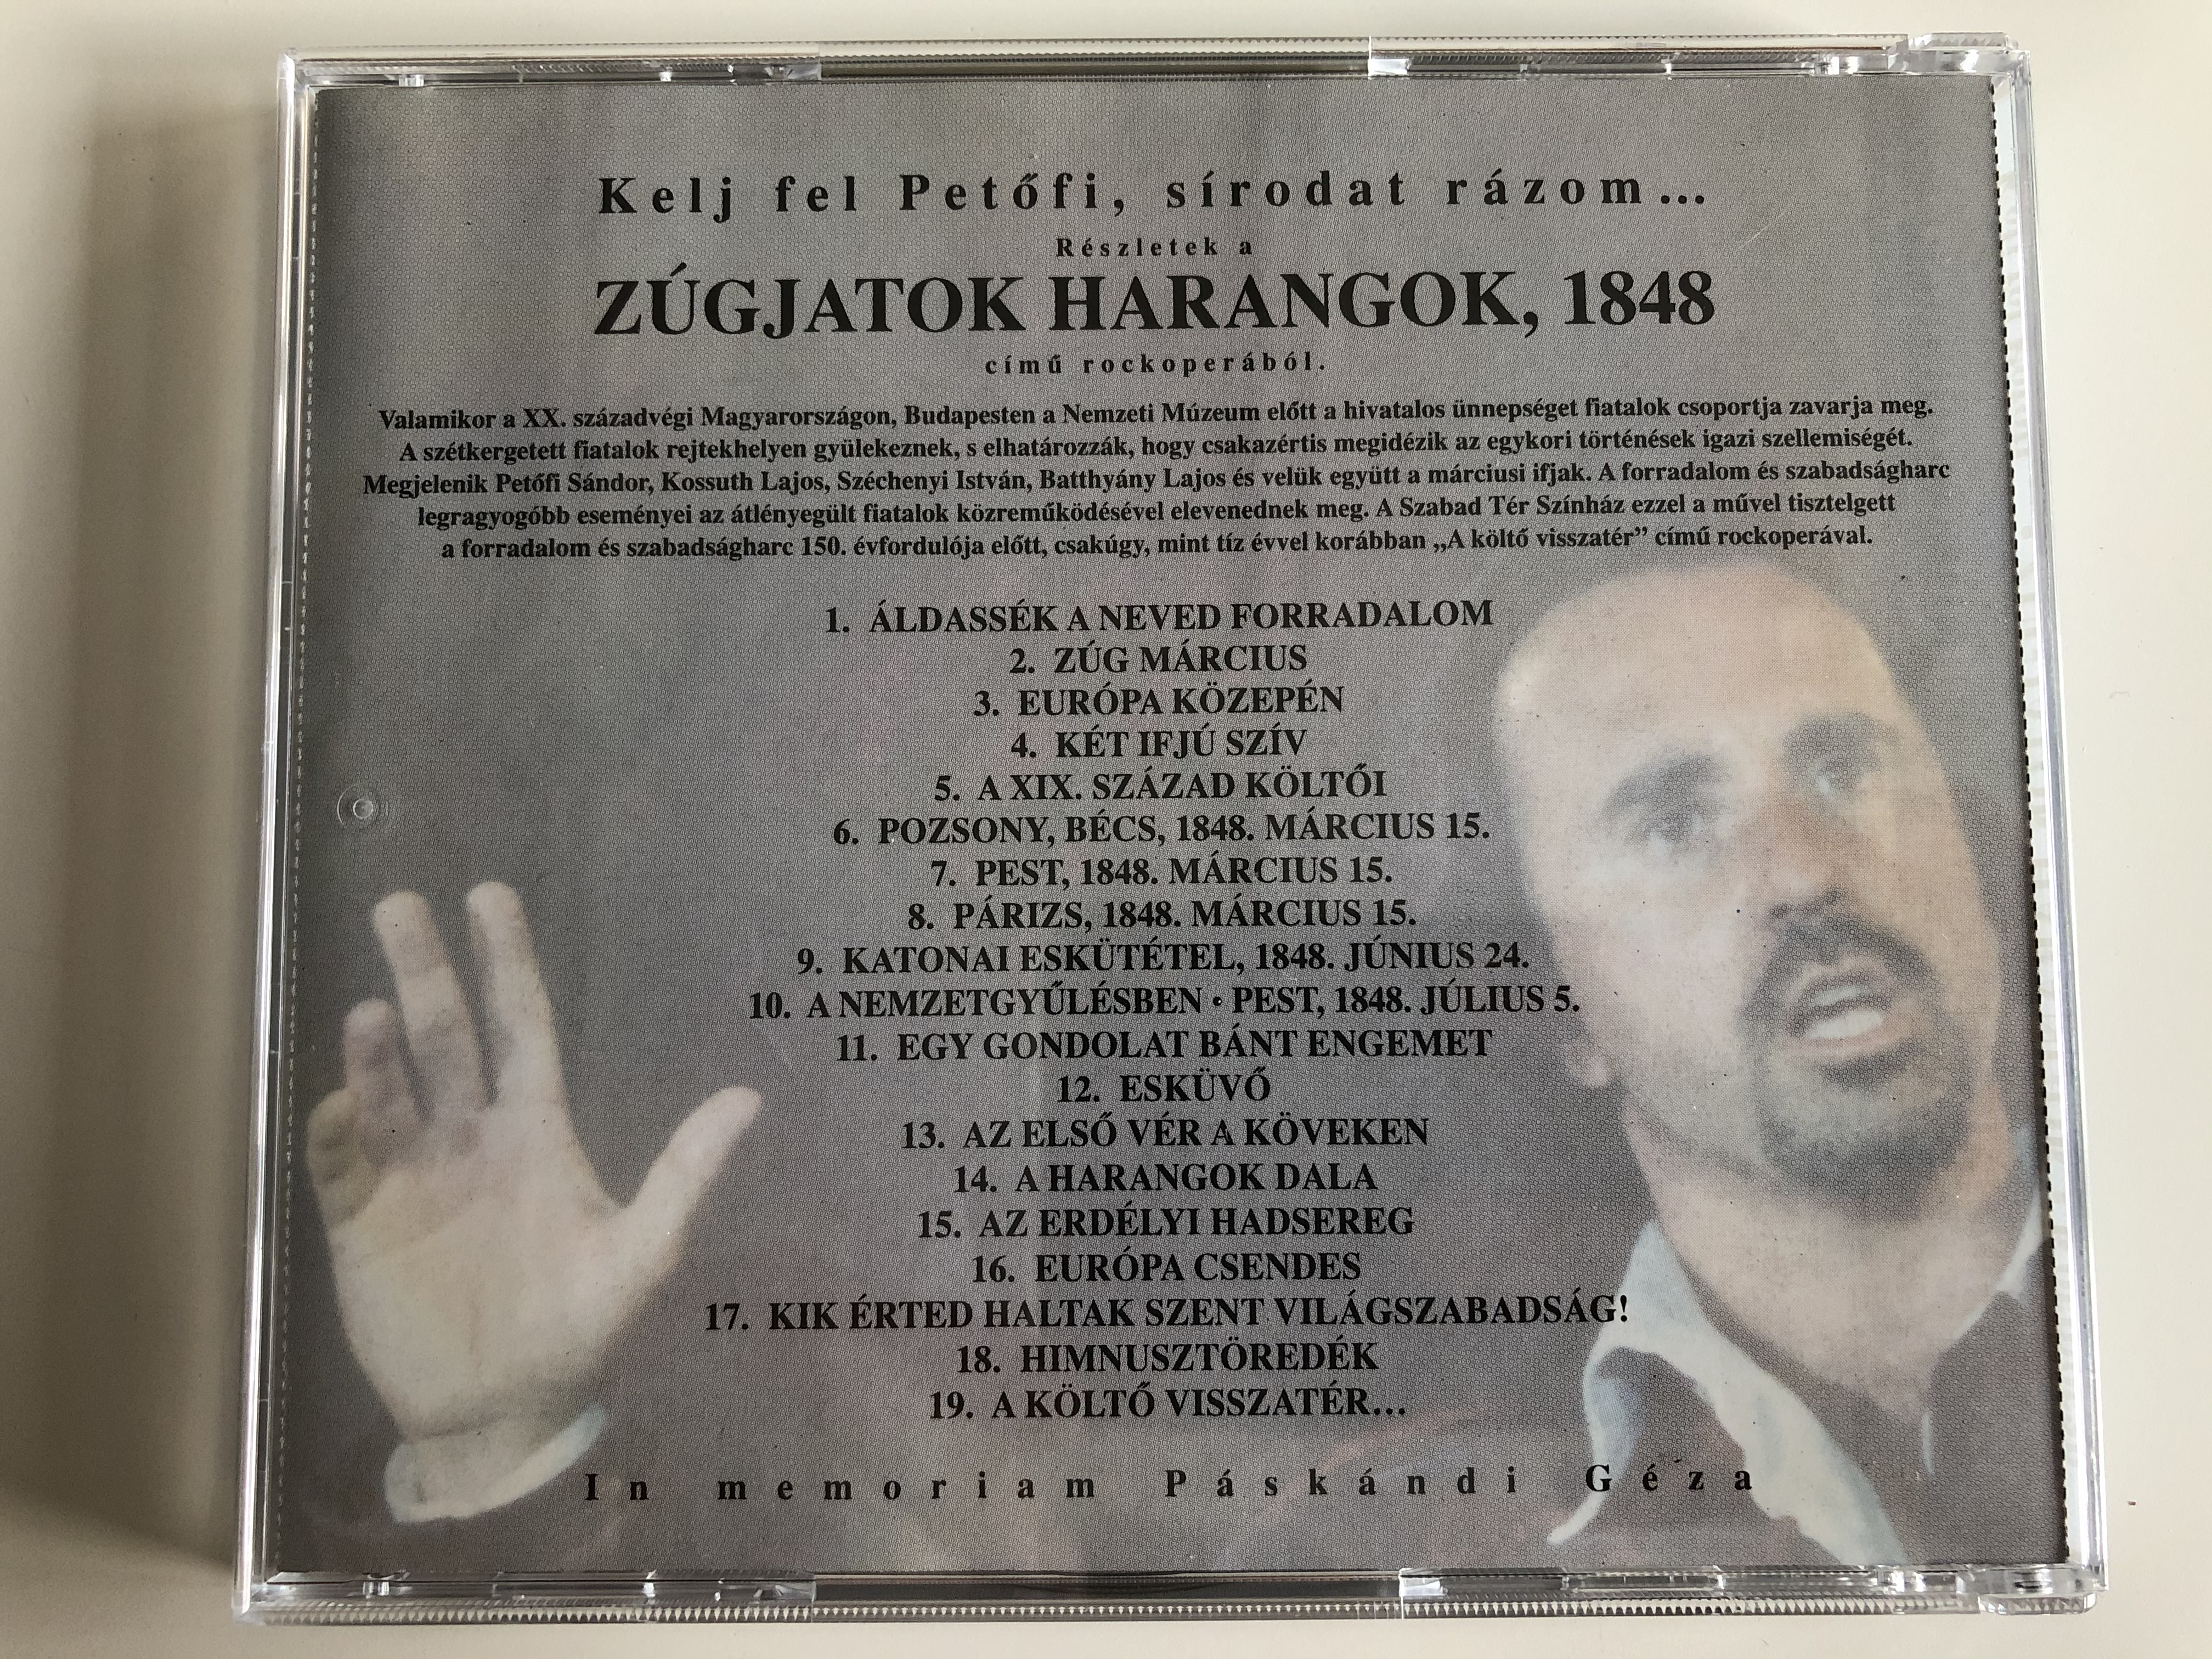 kelj-fel-pet-fi-reszletek-z-gjatok-harangok-1848-kormor-n-kormoran-audio-cd-2003-5-.jpg